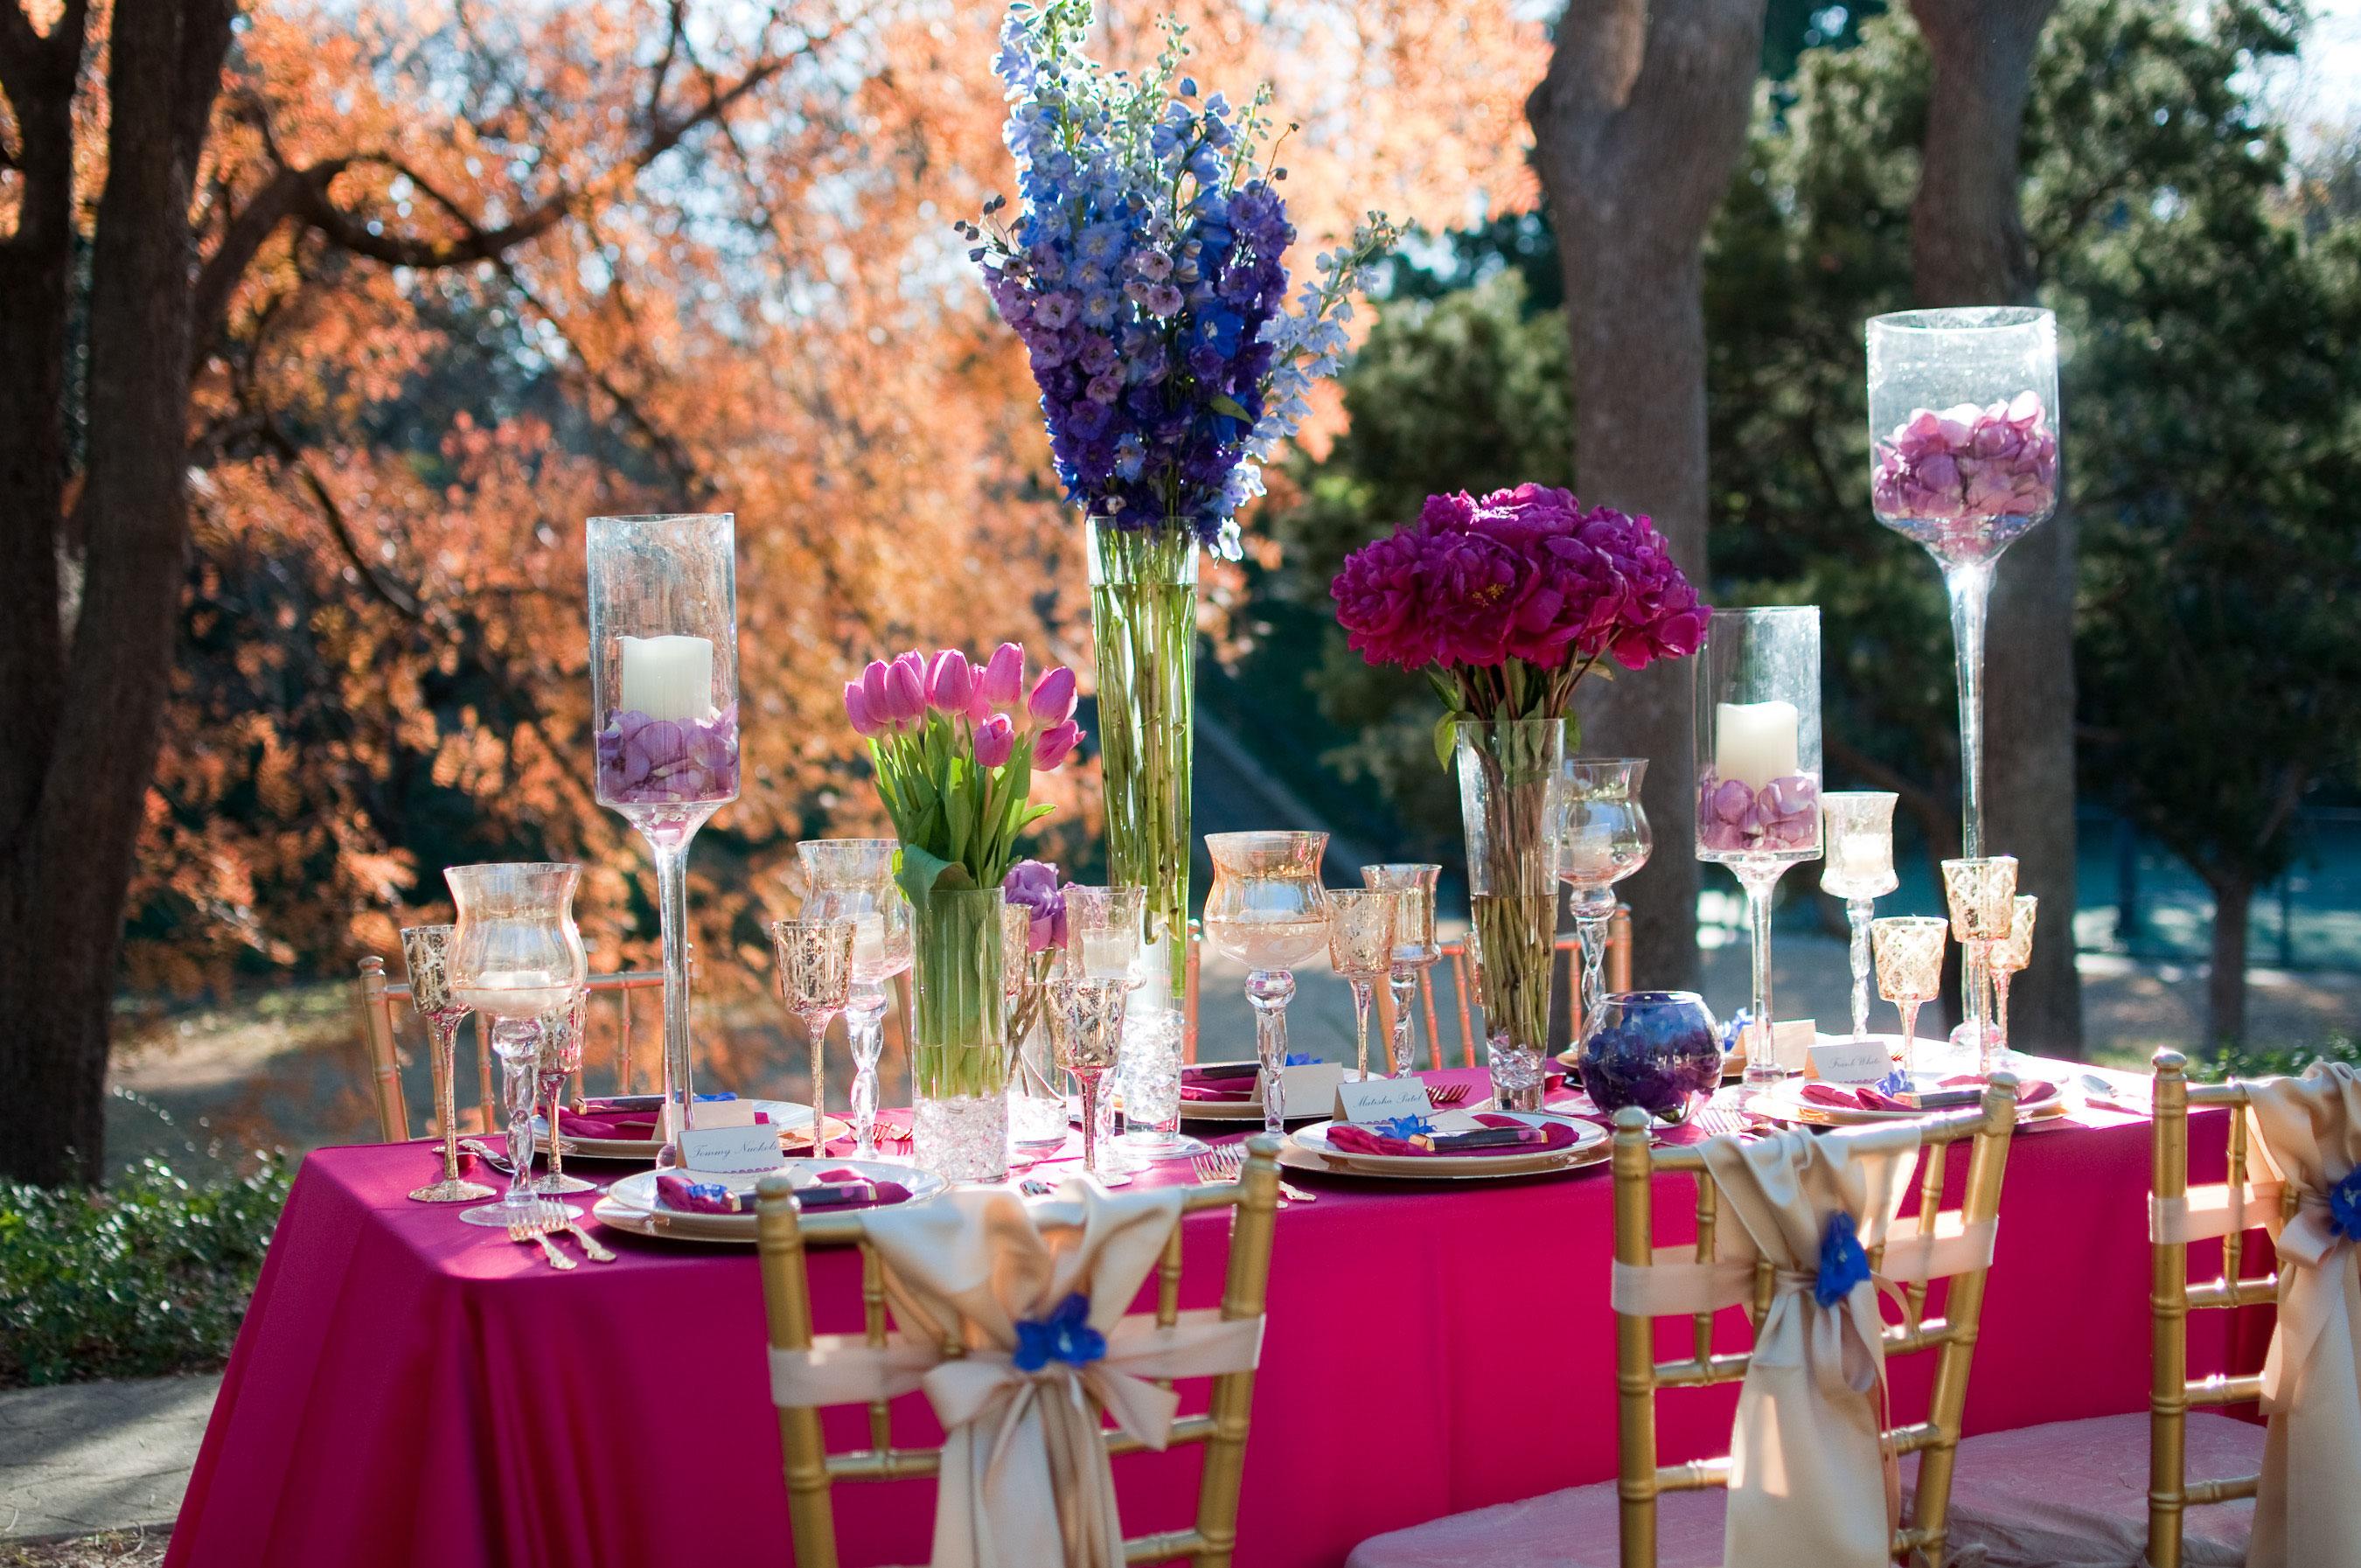 Праздничный стол в розовом цвете